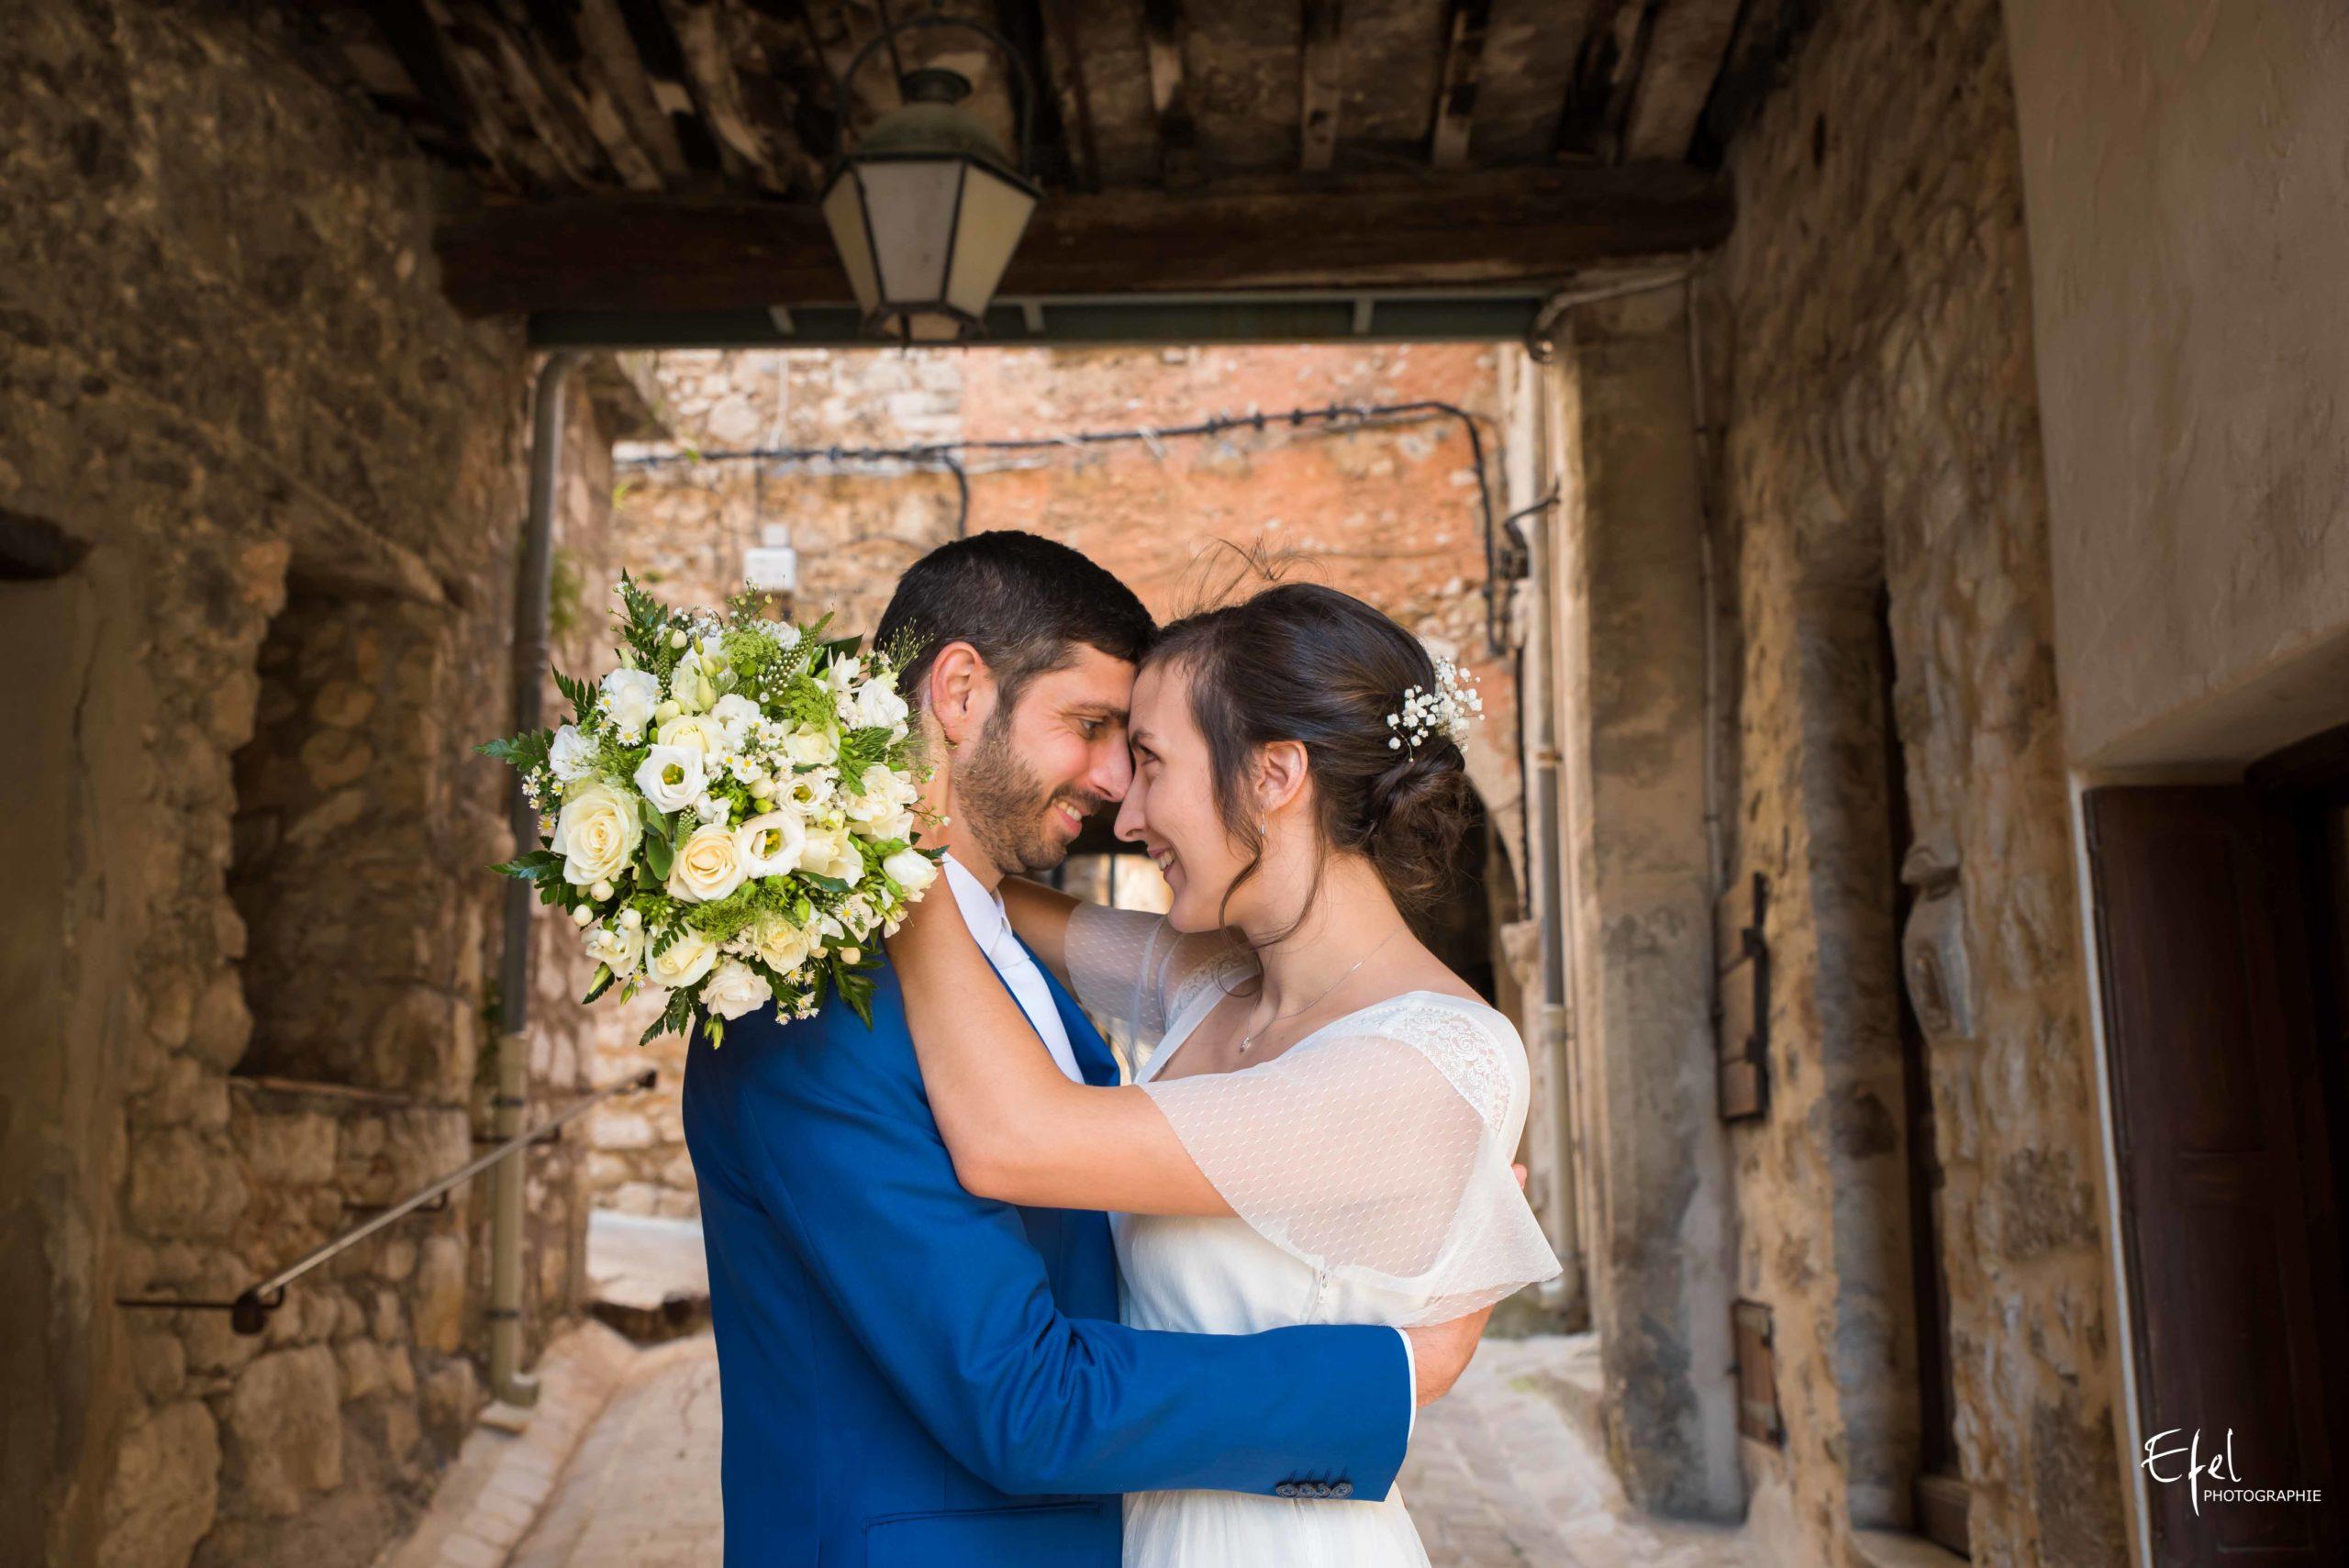 Shooting couple de mariage Photographe Gap